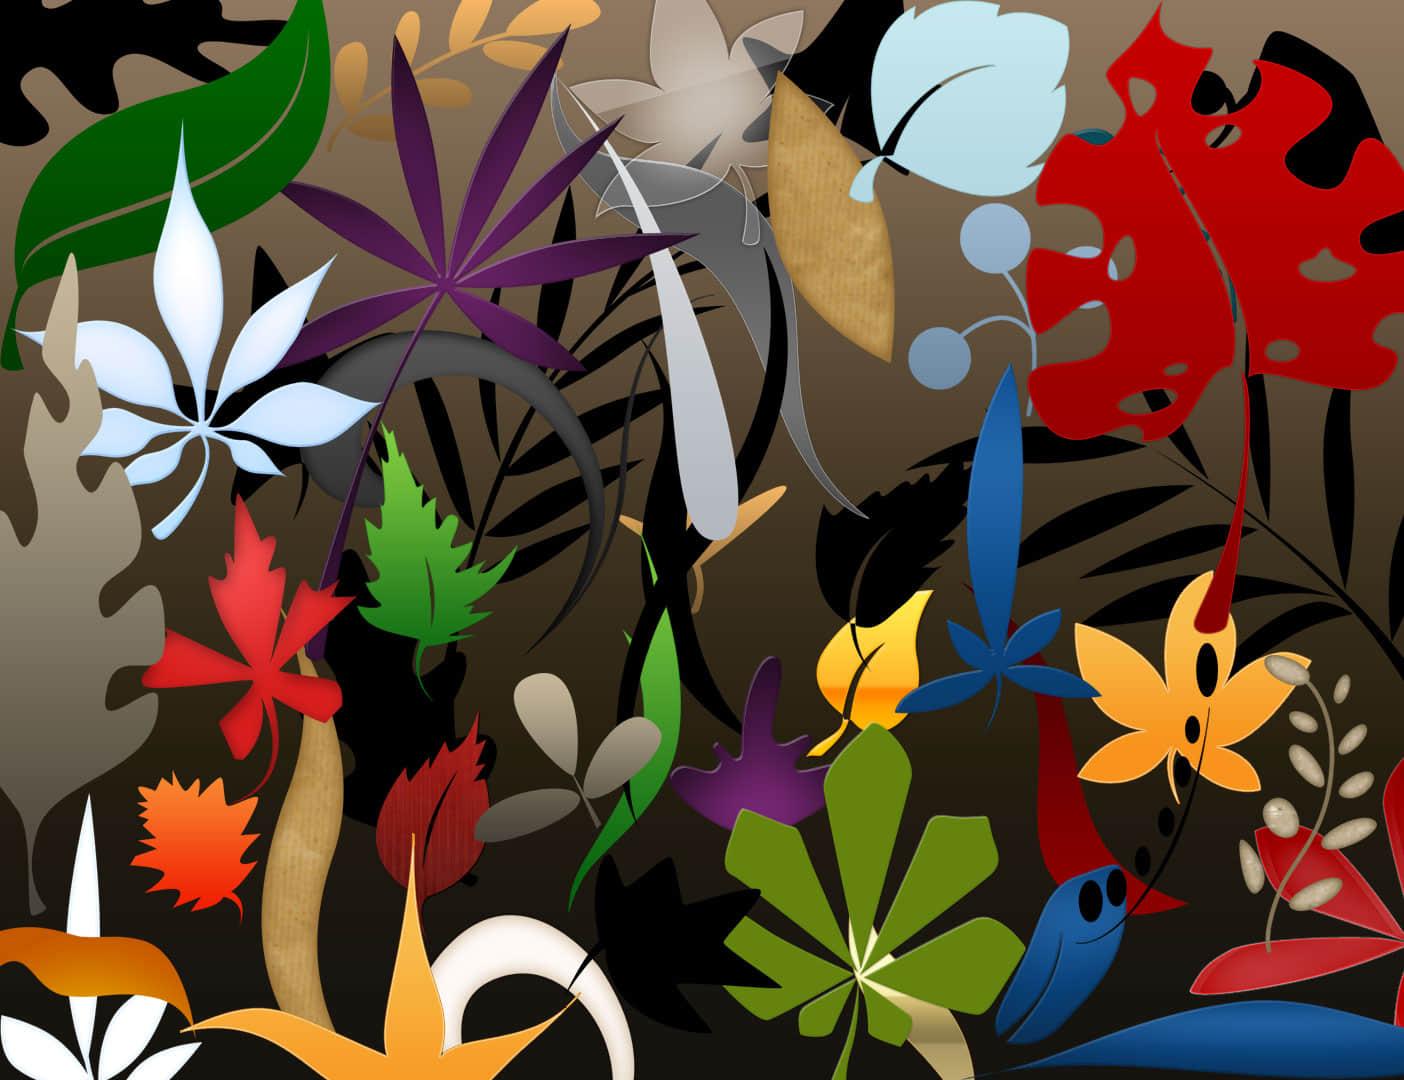 植物花纹、手绘树叶图案Photoshop笔刷下载 植物花纹笔刷 叶子笔刷  flowers brushes